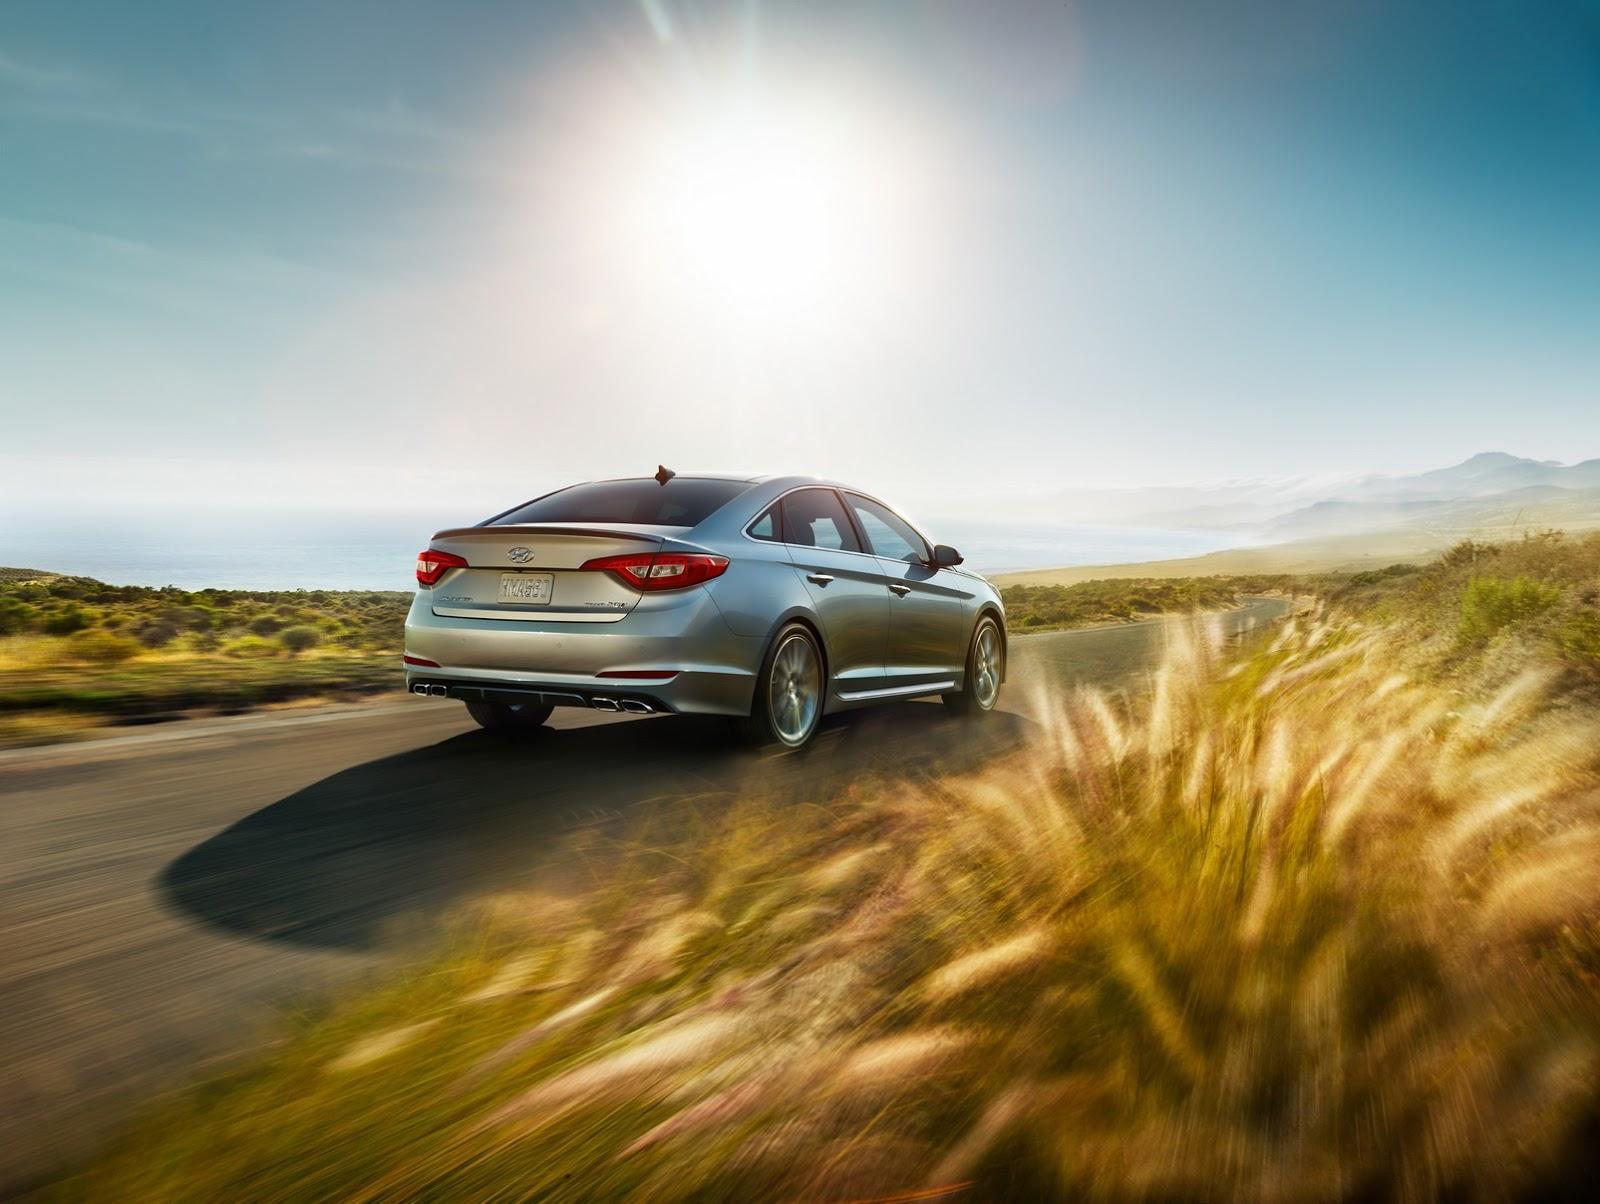 Hãng Hyundai đã quyết định tăng cường sức cạnh tranh cho dòng sản phẩm của mình tại thị trường Mỹ bằng mẫu sedan cỡ trung Sonata 2017.